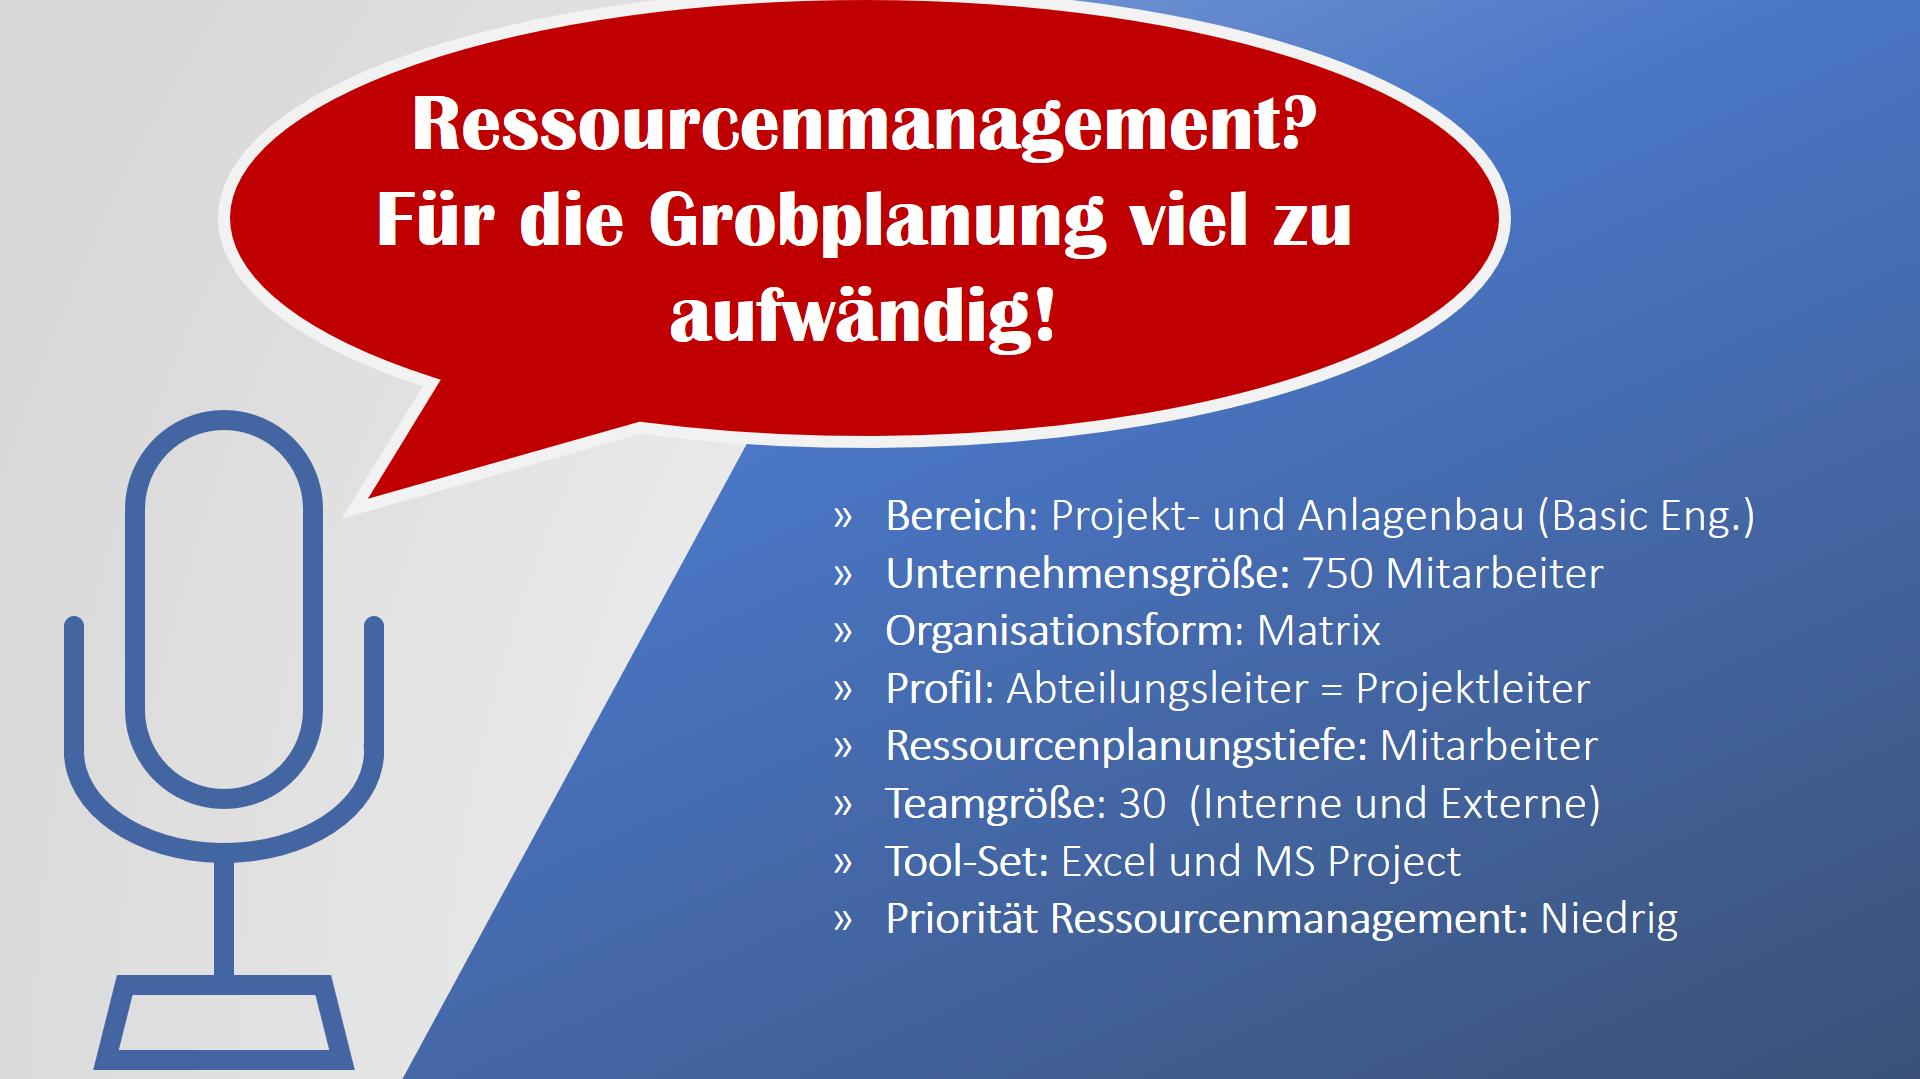 Ressourcenmanagement in Projekten 1